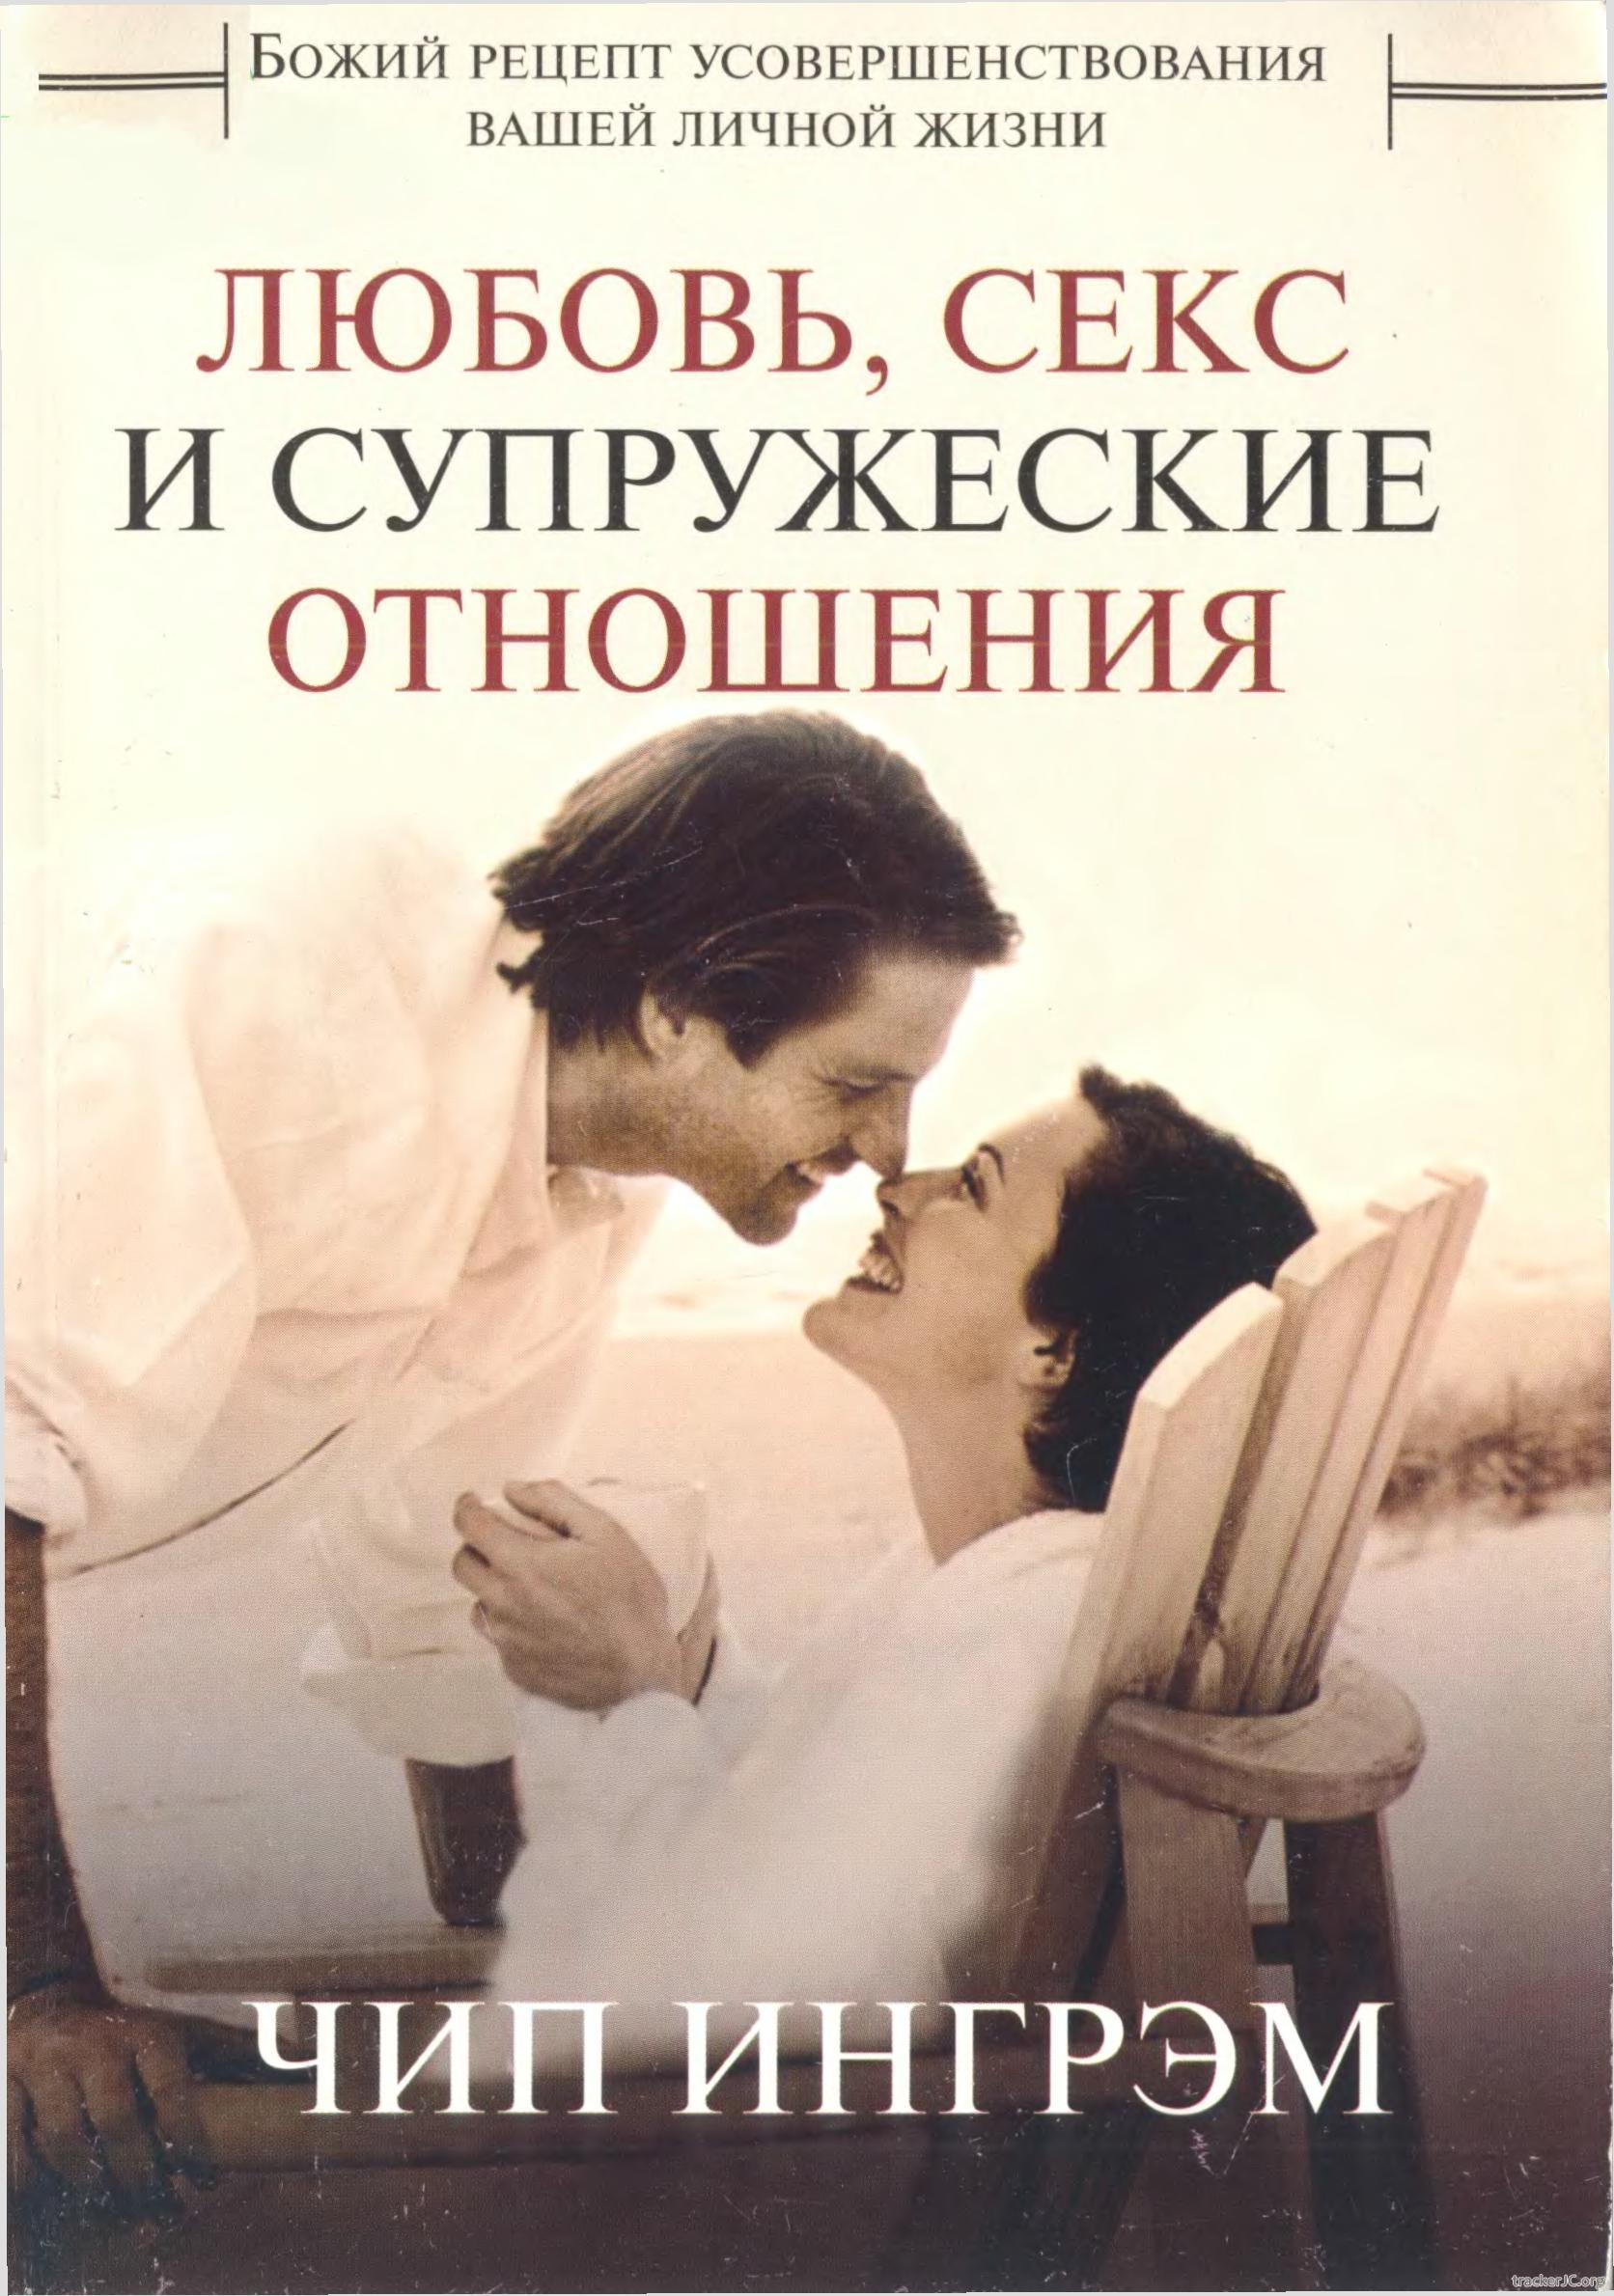 Тема, приму книги про любовь секс Случайно нашел